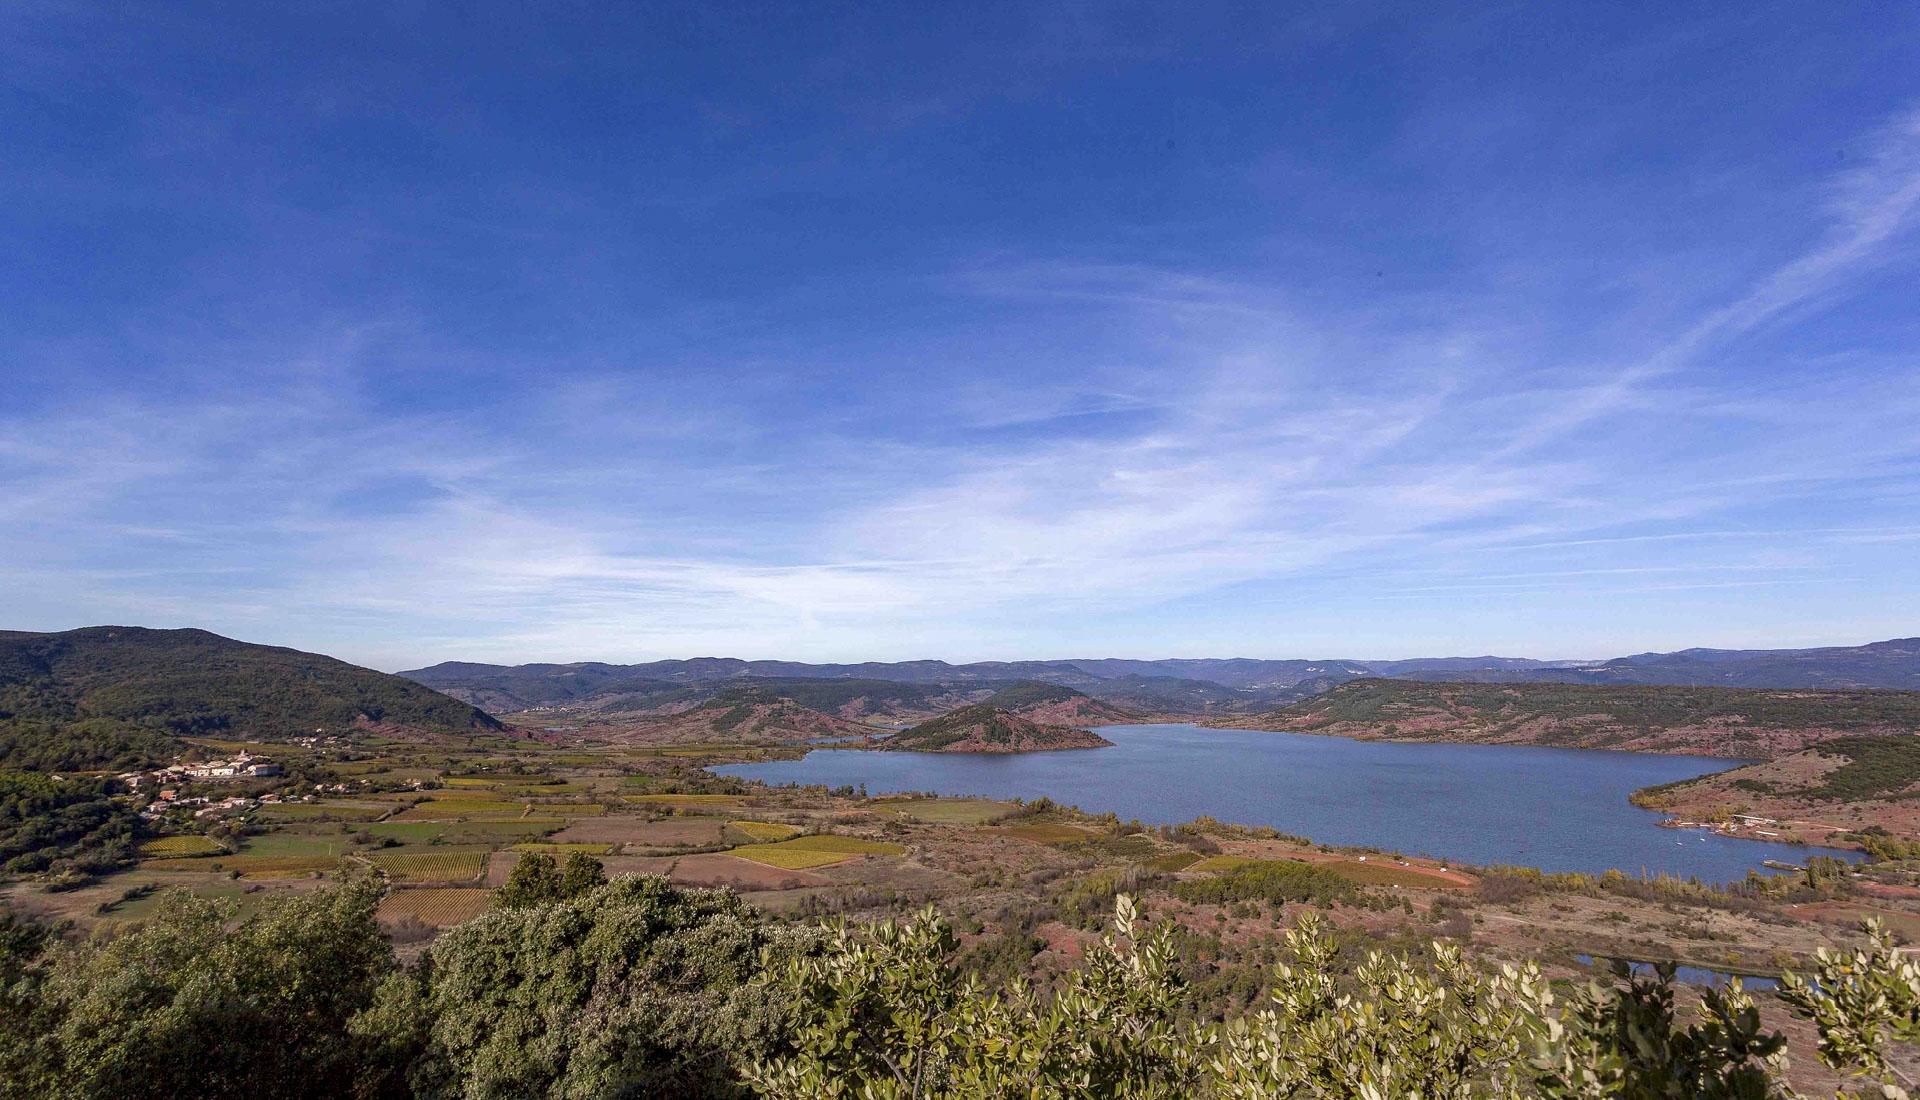 Le lac du Salagou et sa plaine agricole © L.Micola